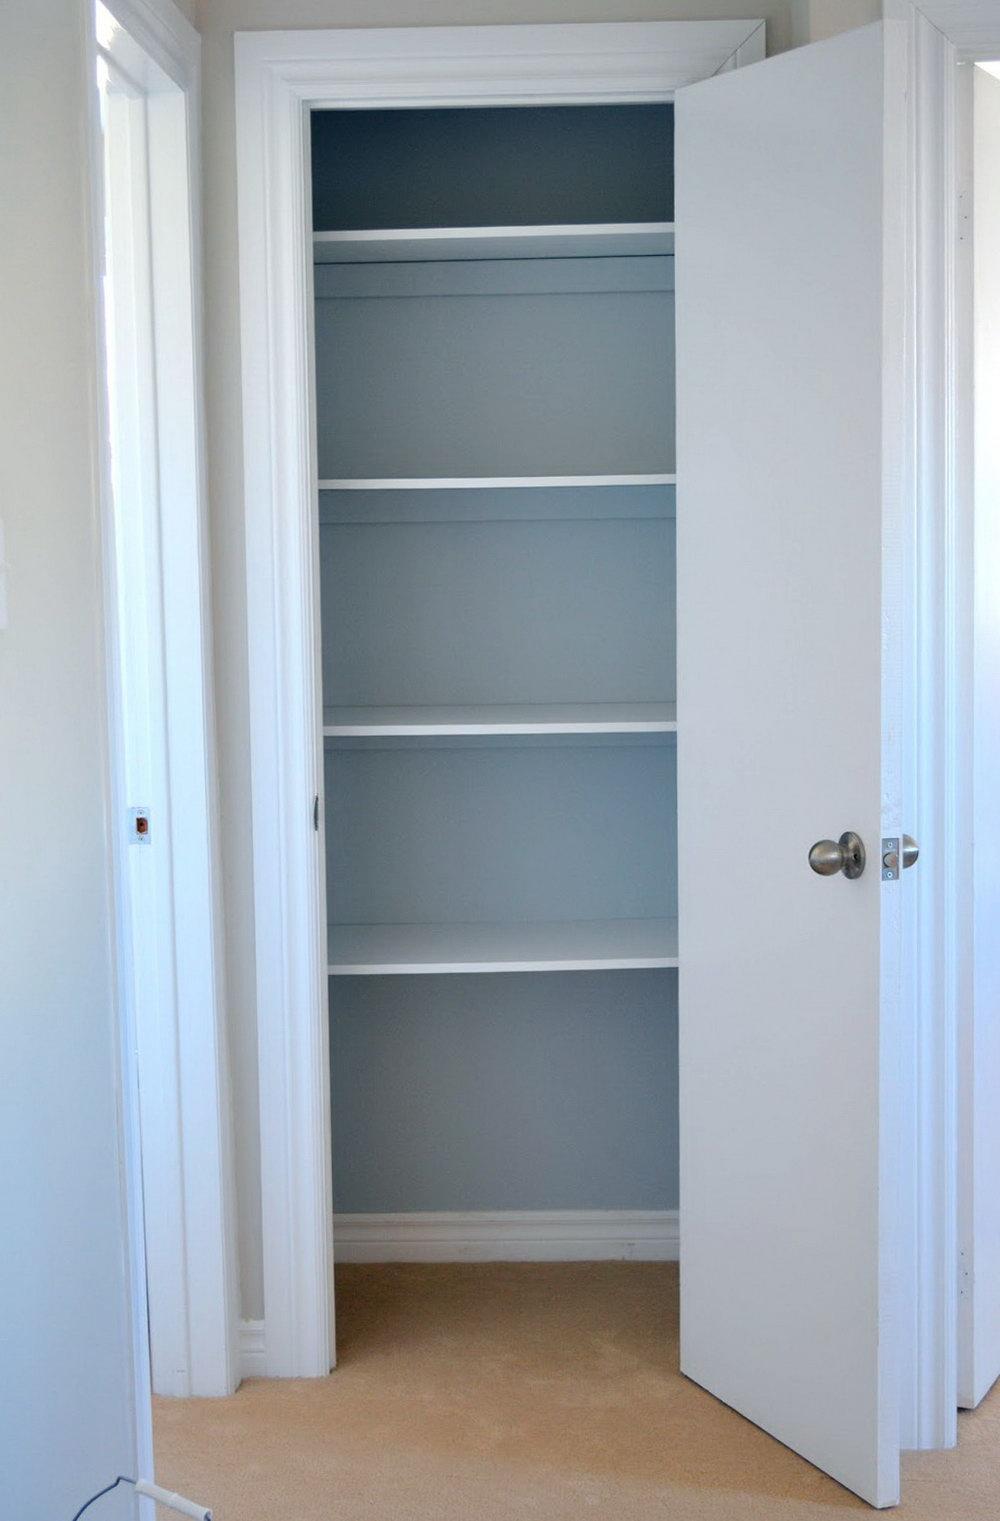 Shelf Height For Linen Closet